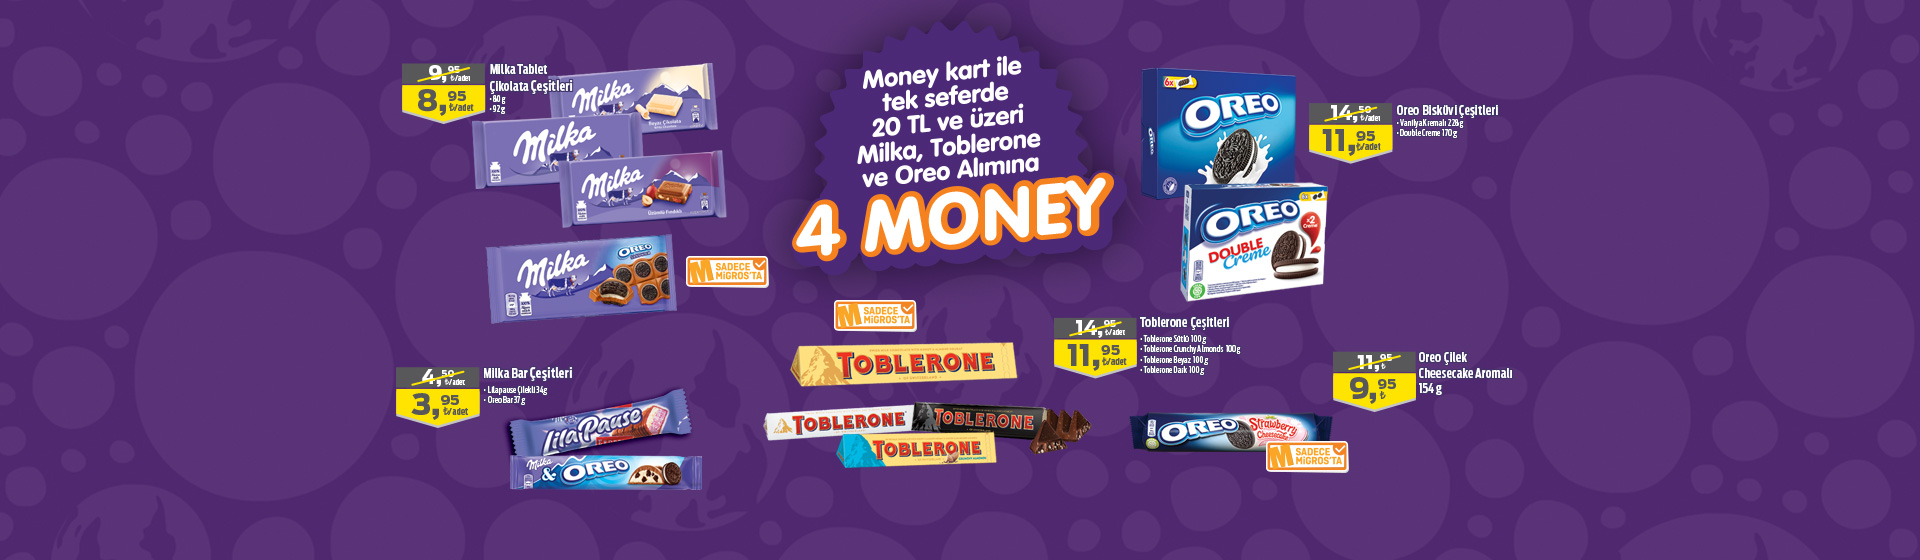 Milka-Toblerone-Oreo Money Kampanyası